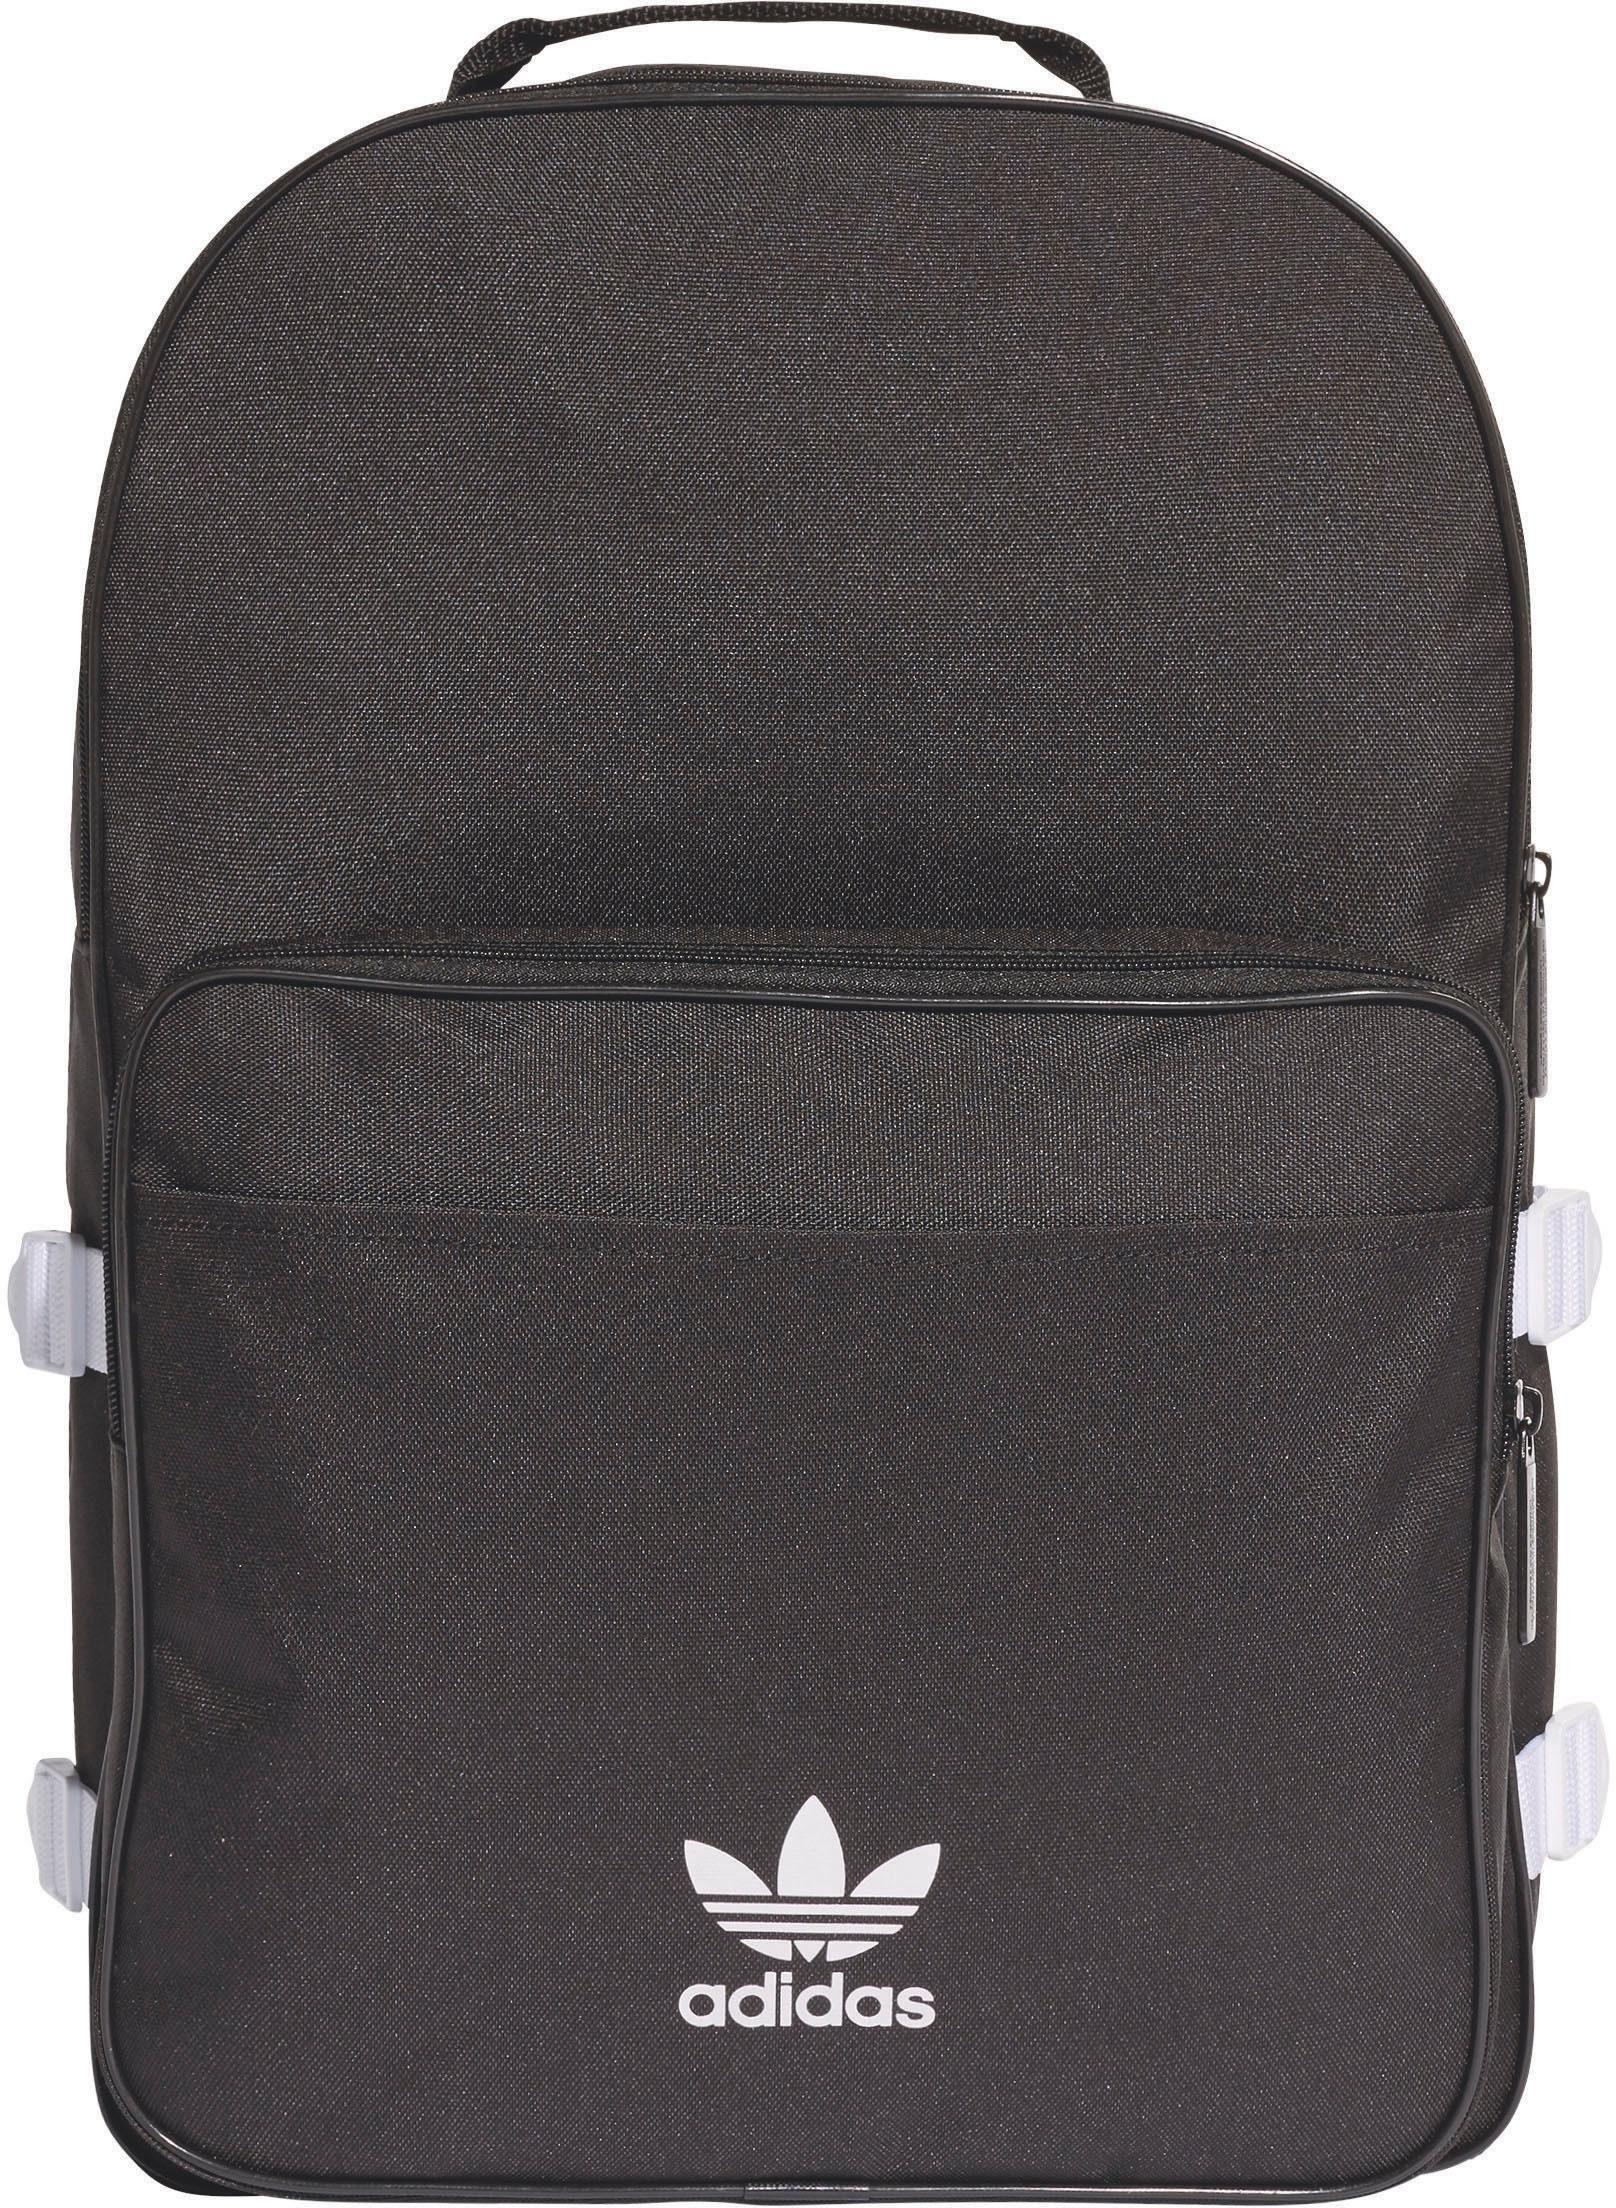 Originals Vind Adidas Sportrugzak Je »bp Otto Essential« Bij B4nOPqZn